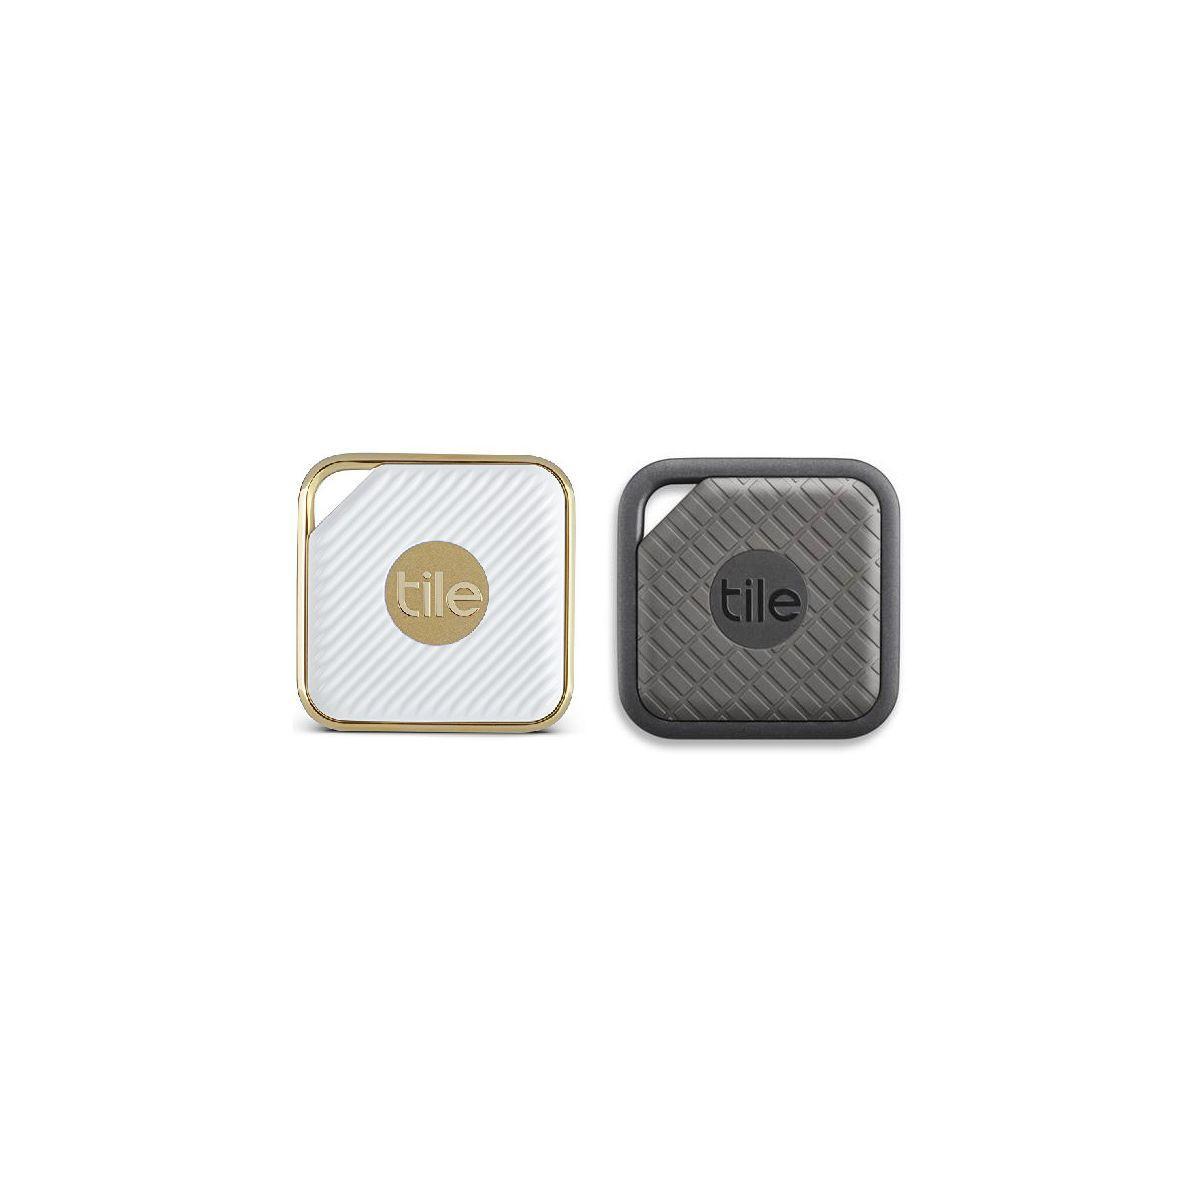 D�tecteur tile pack pro style + pro spor (photo)